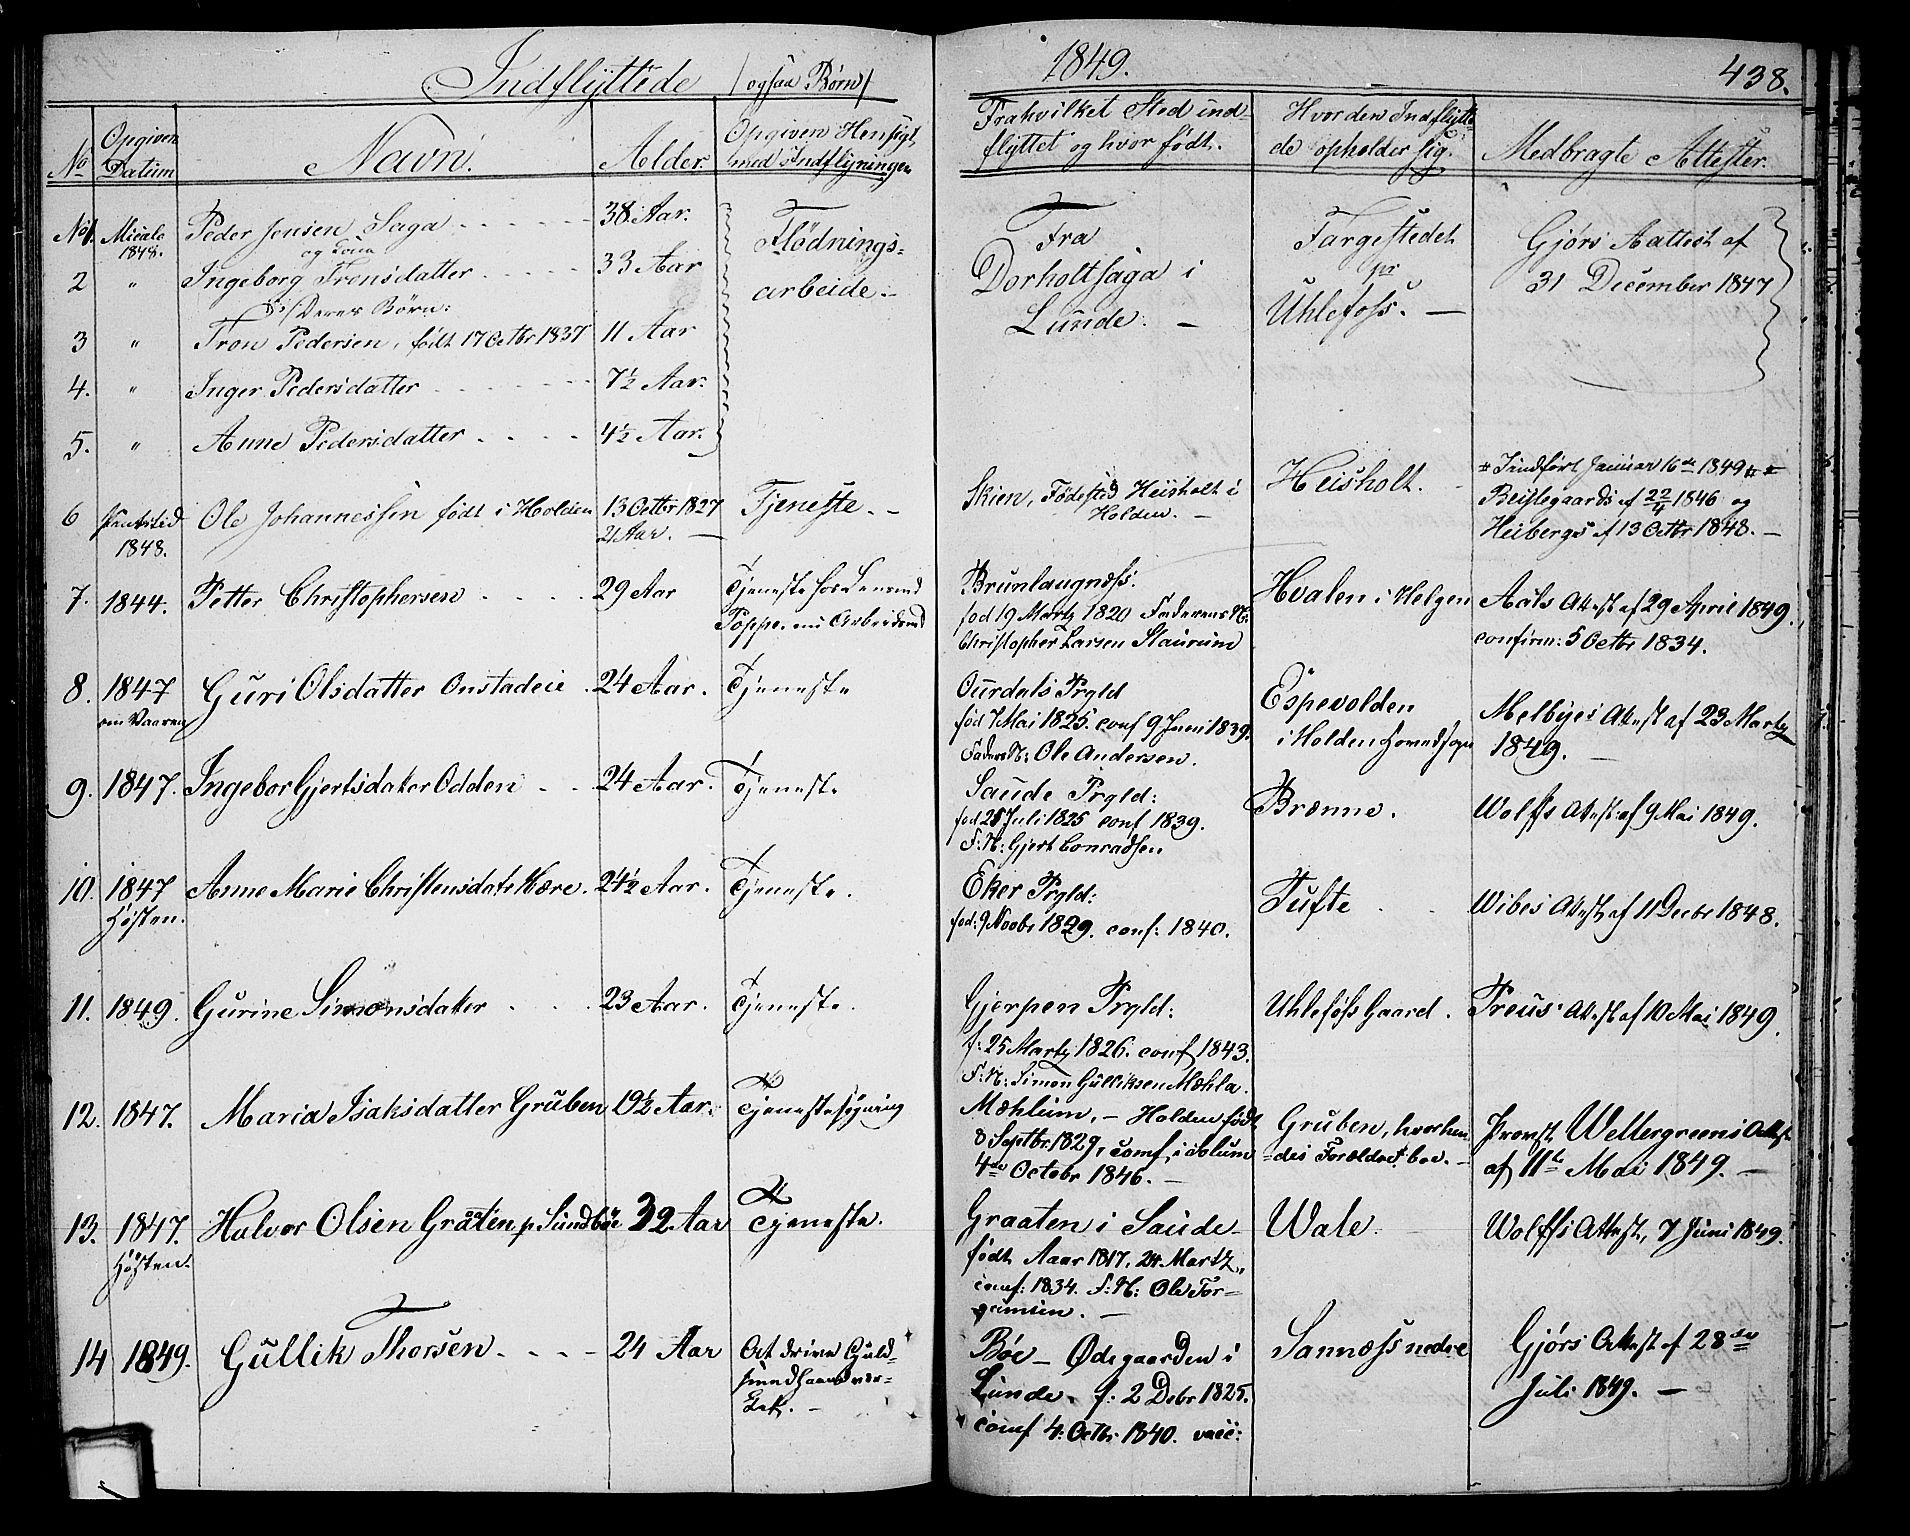 SAKO, Holla kirkebøker, G/Ga/L0003: Klokkerbok nr. I 3, 1849-1866, s. 438